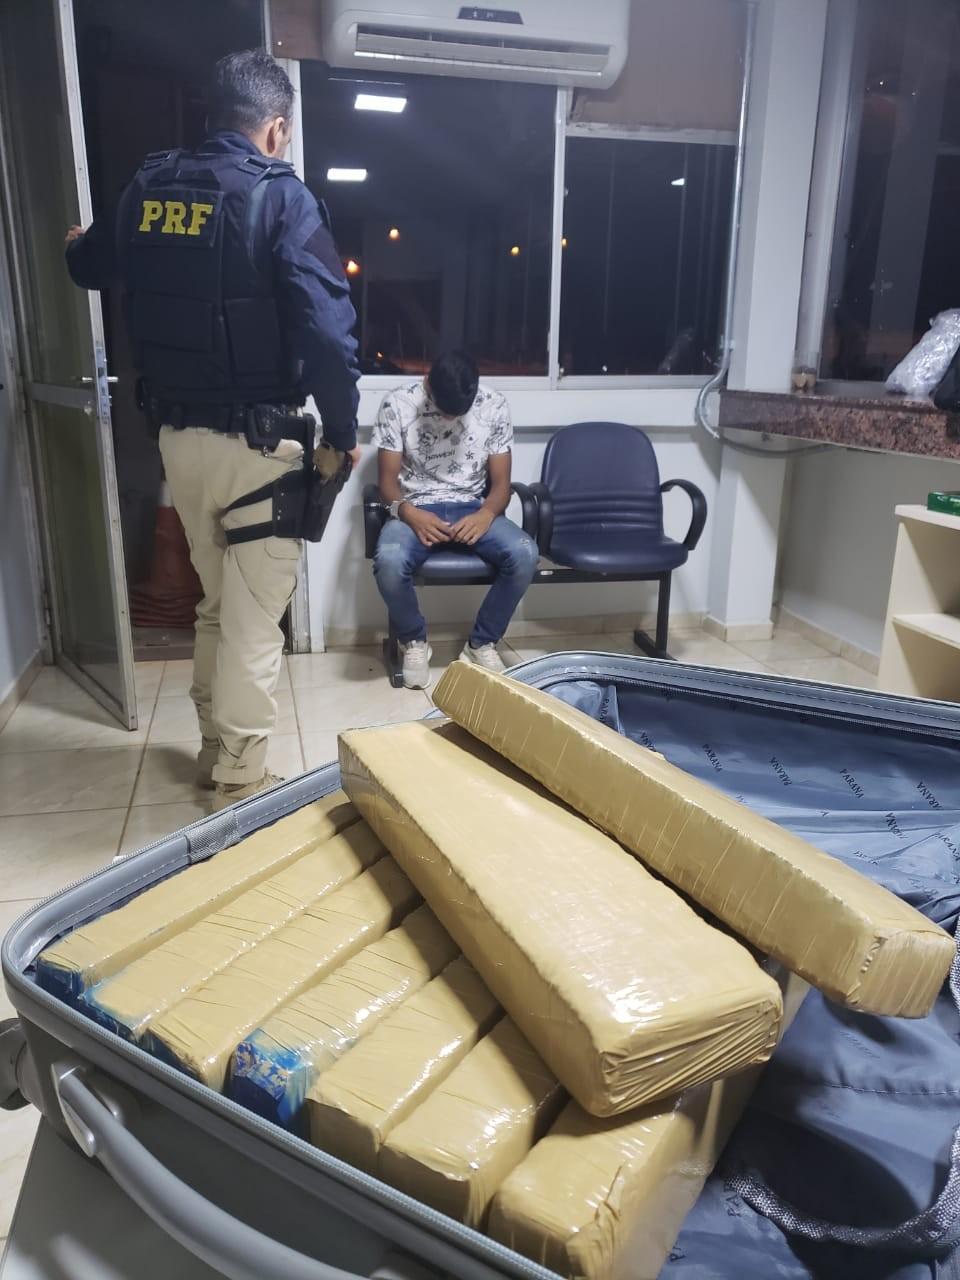 Jovem é preso com 10 kg de maconha a caminho de Porto Velho - Notícias - Plantão Diário